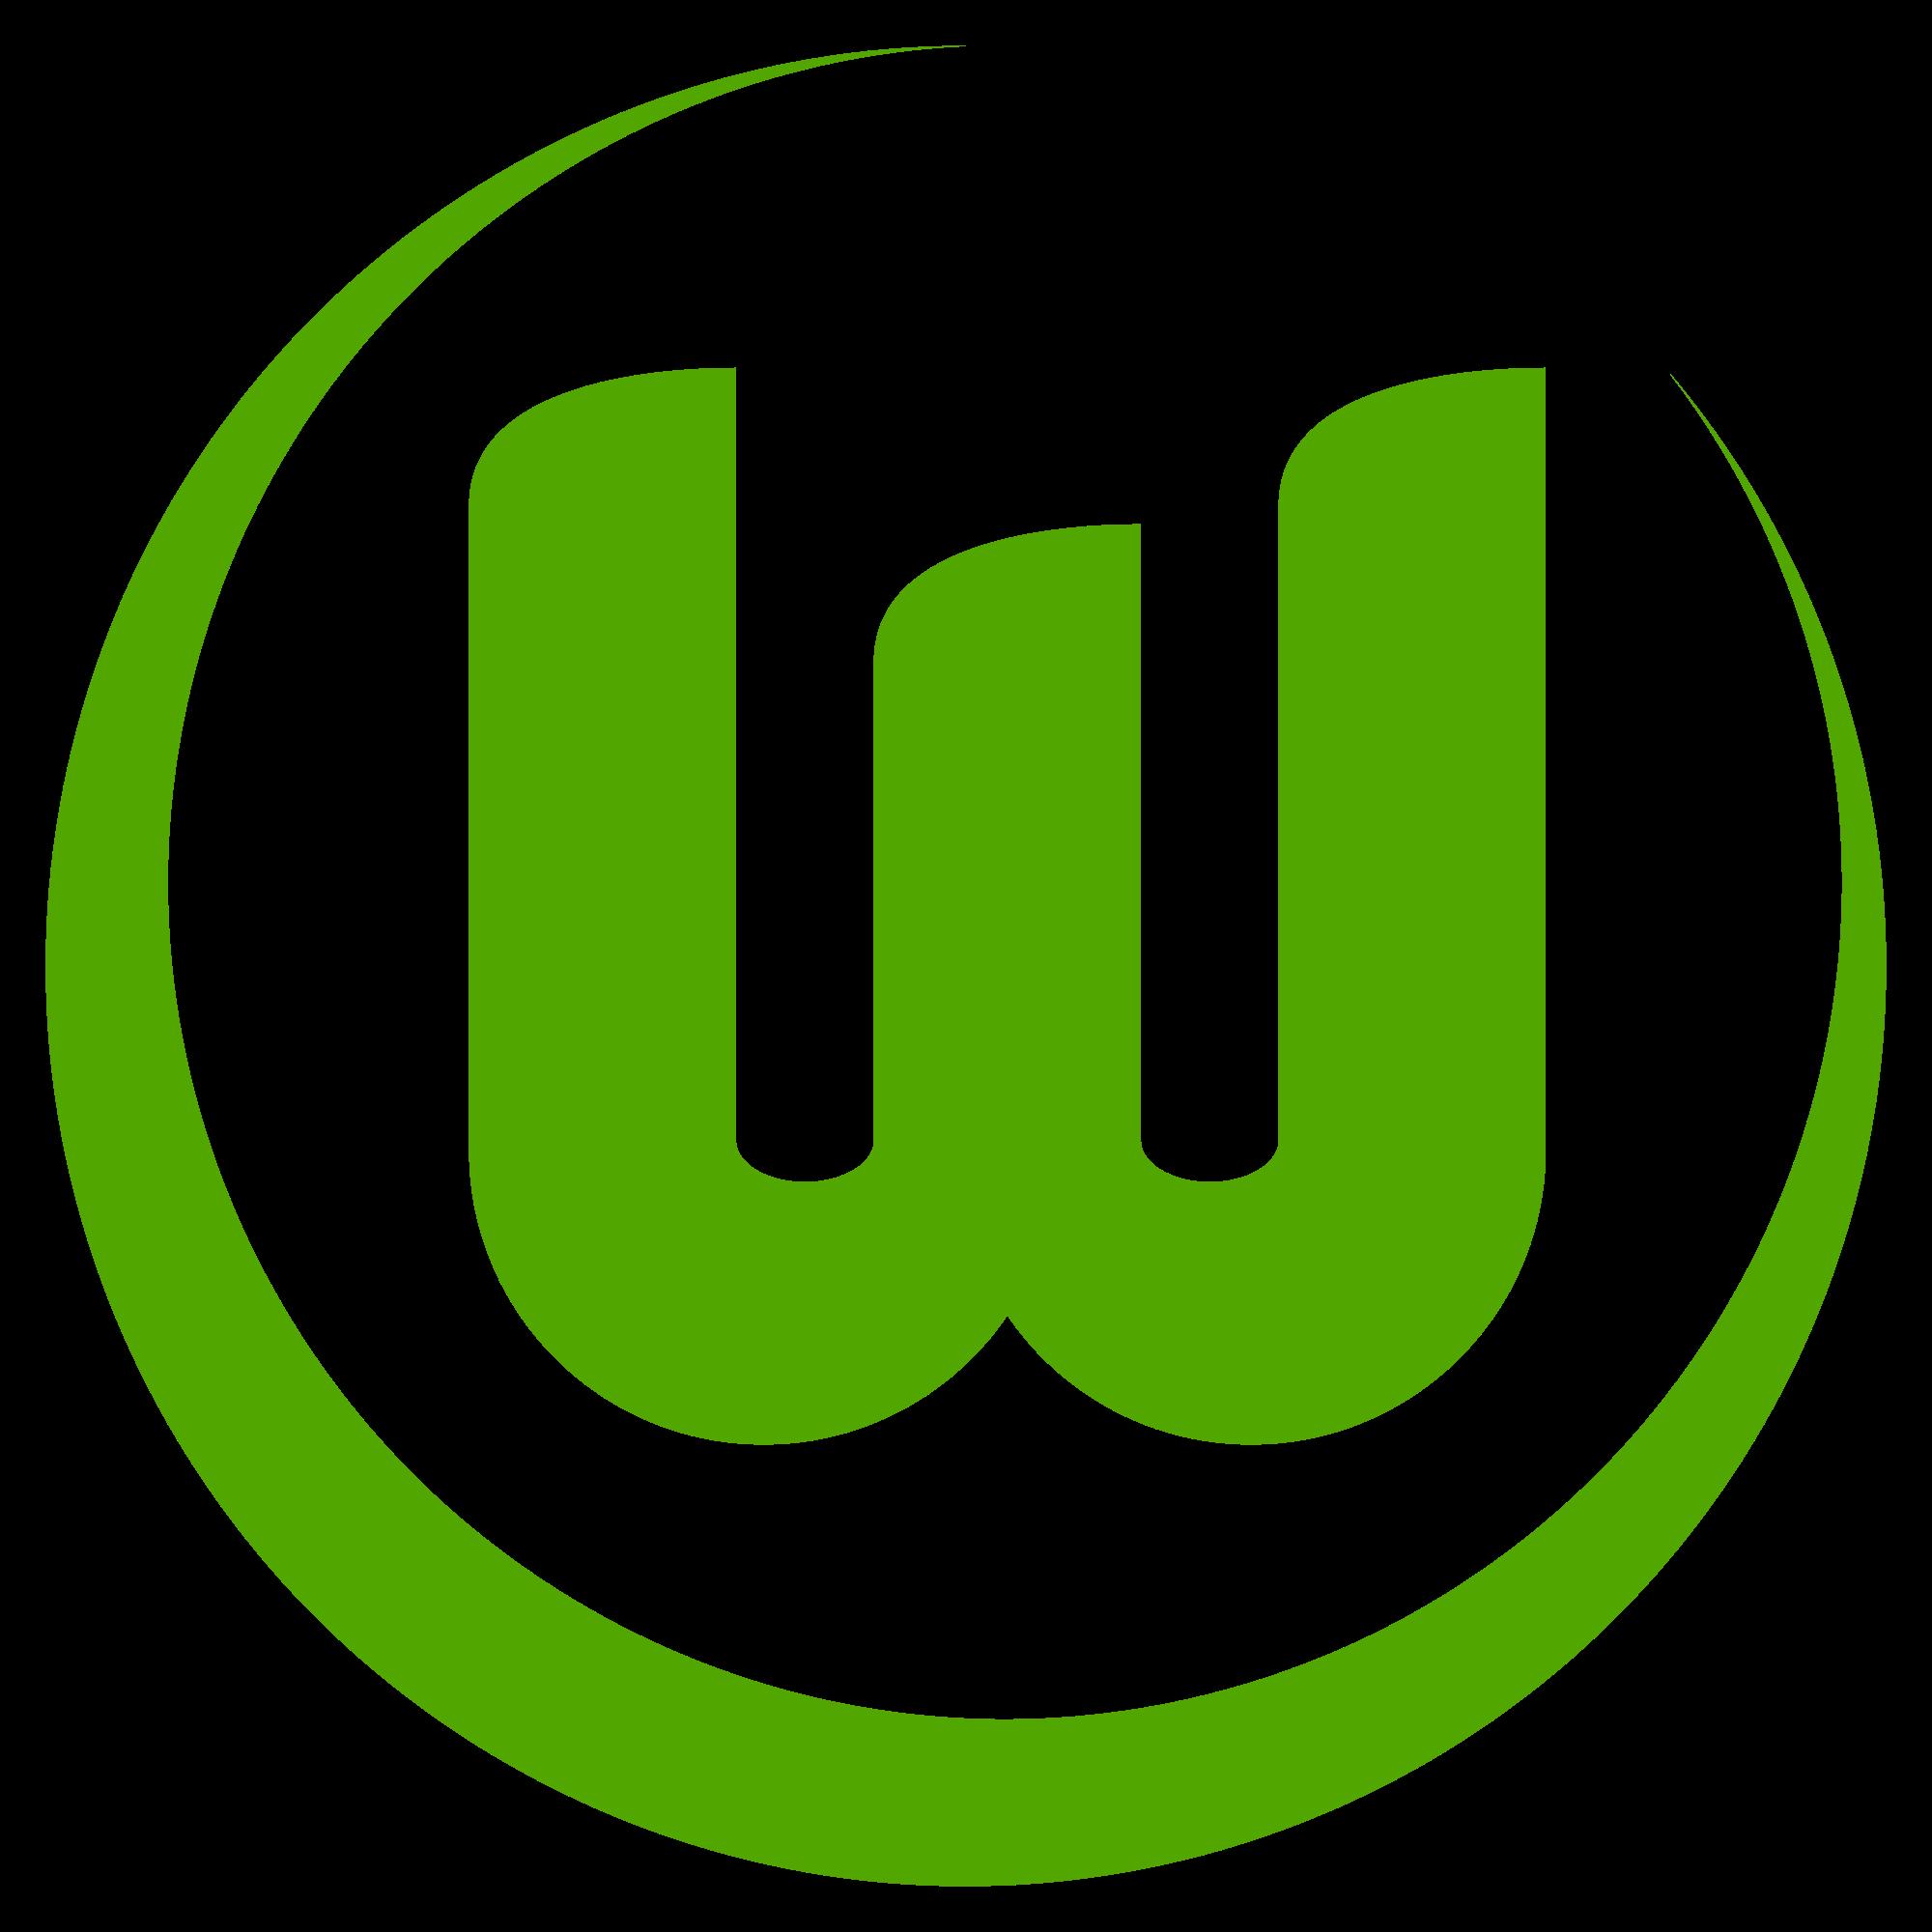 Wolfsburg - The New German Superpower avatar